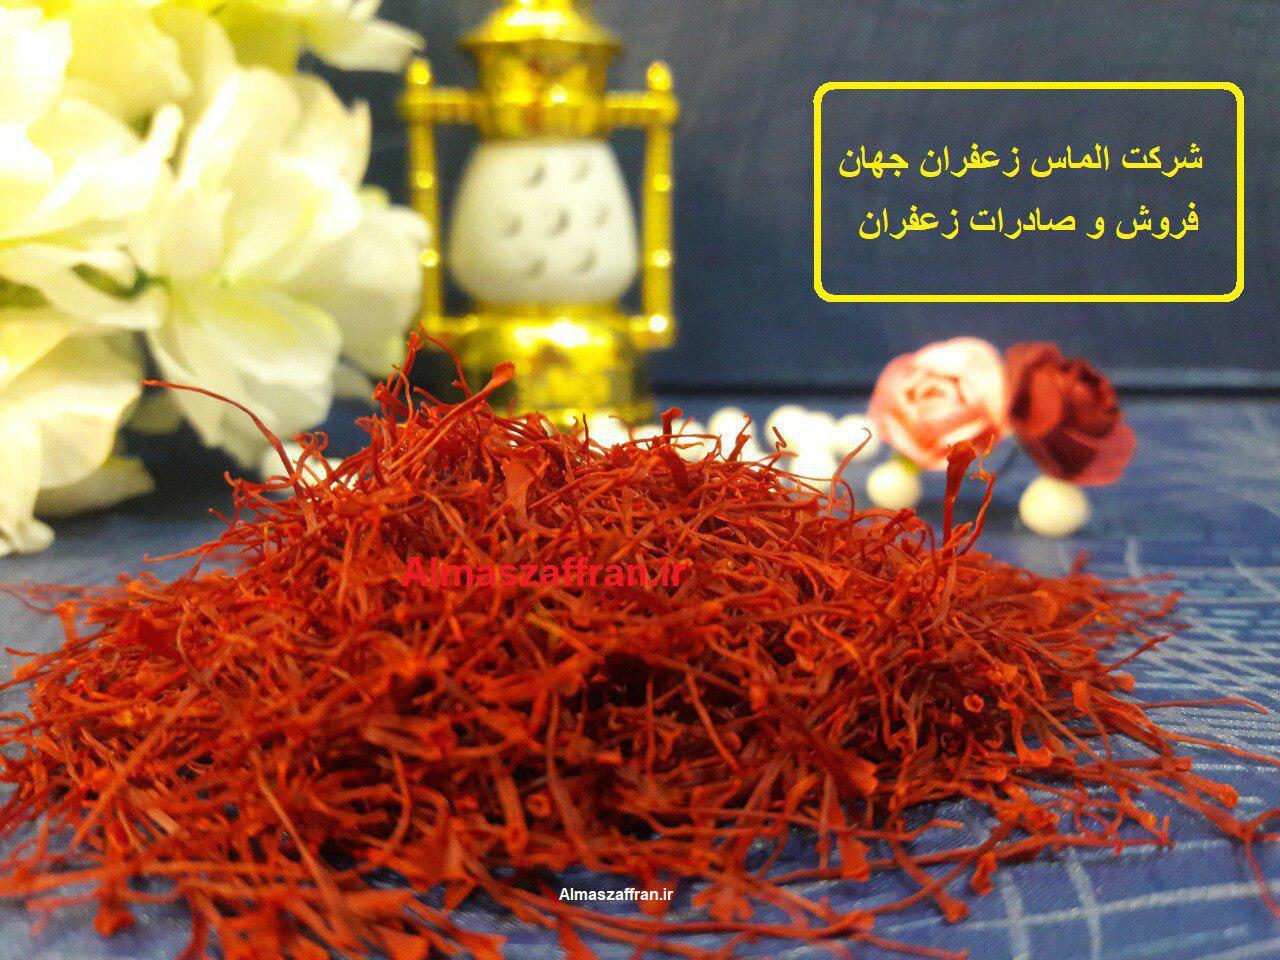 قیمت روز خرید زعفران فله